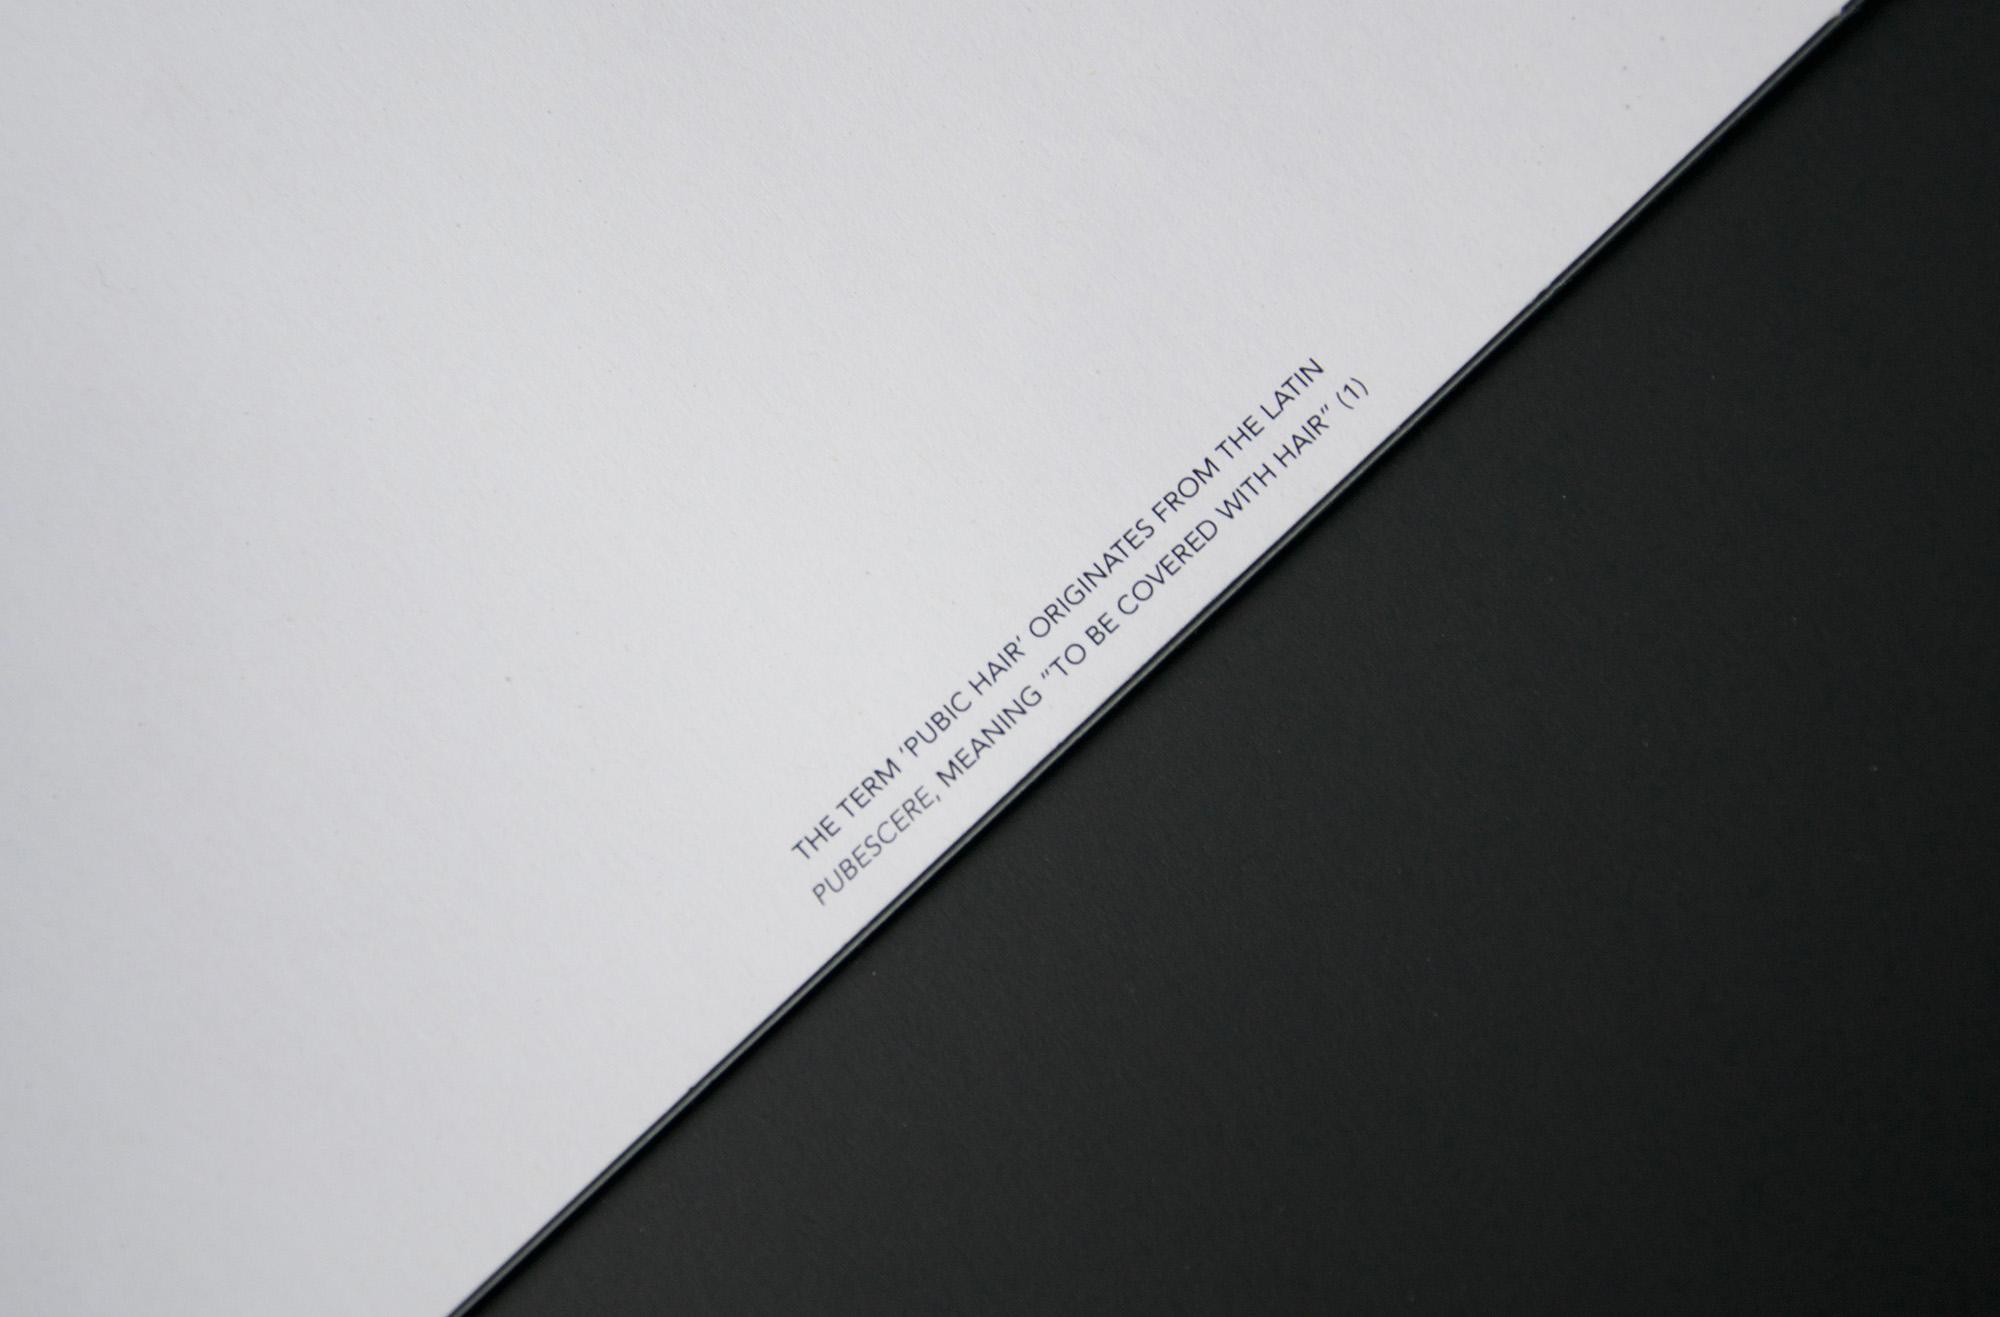 photos_detail.jpg